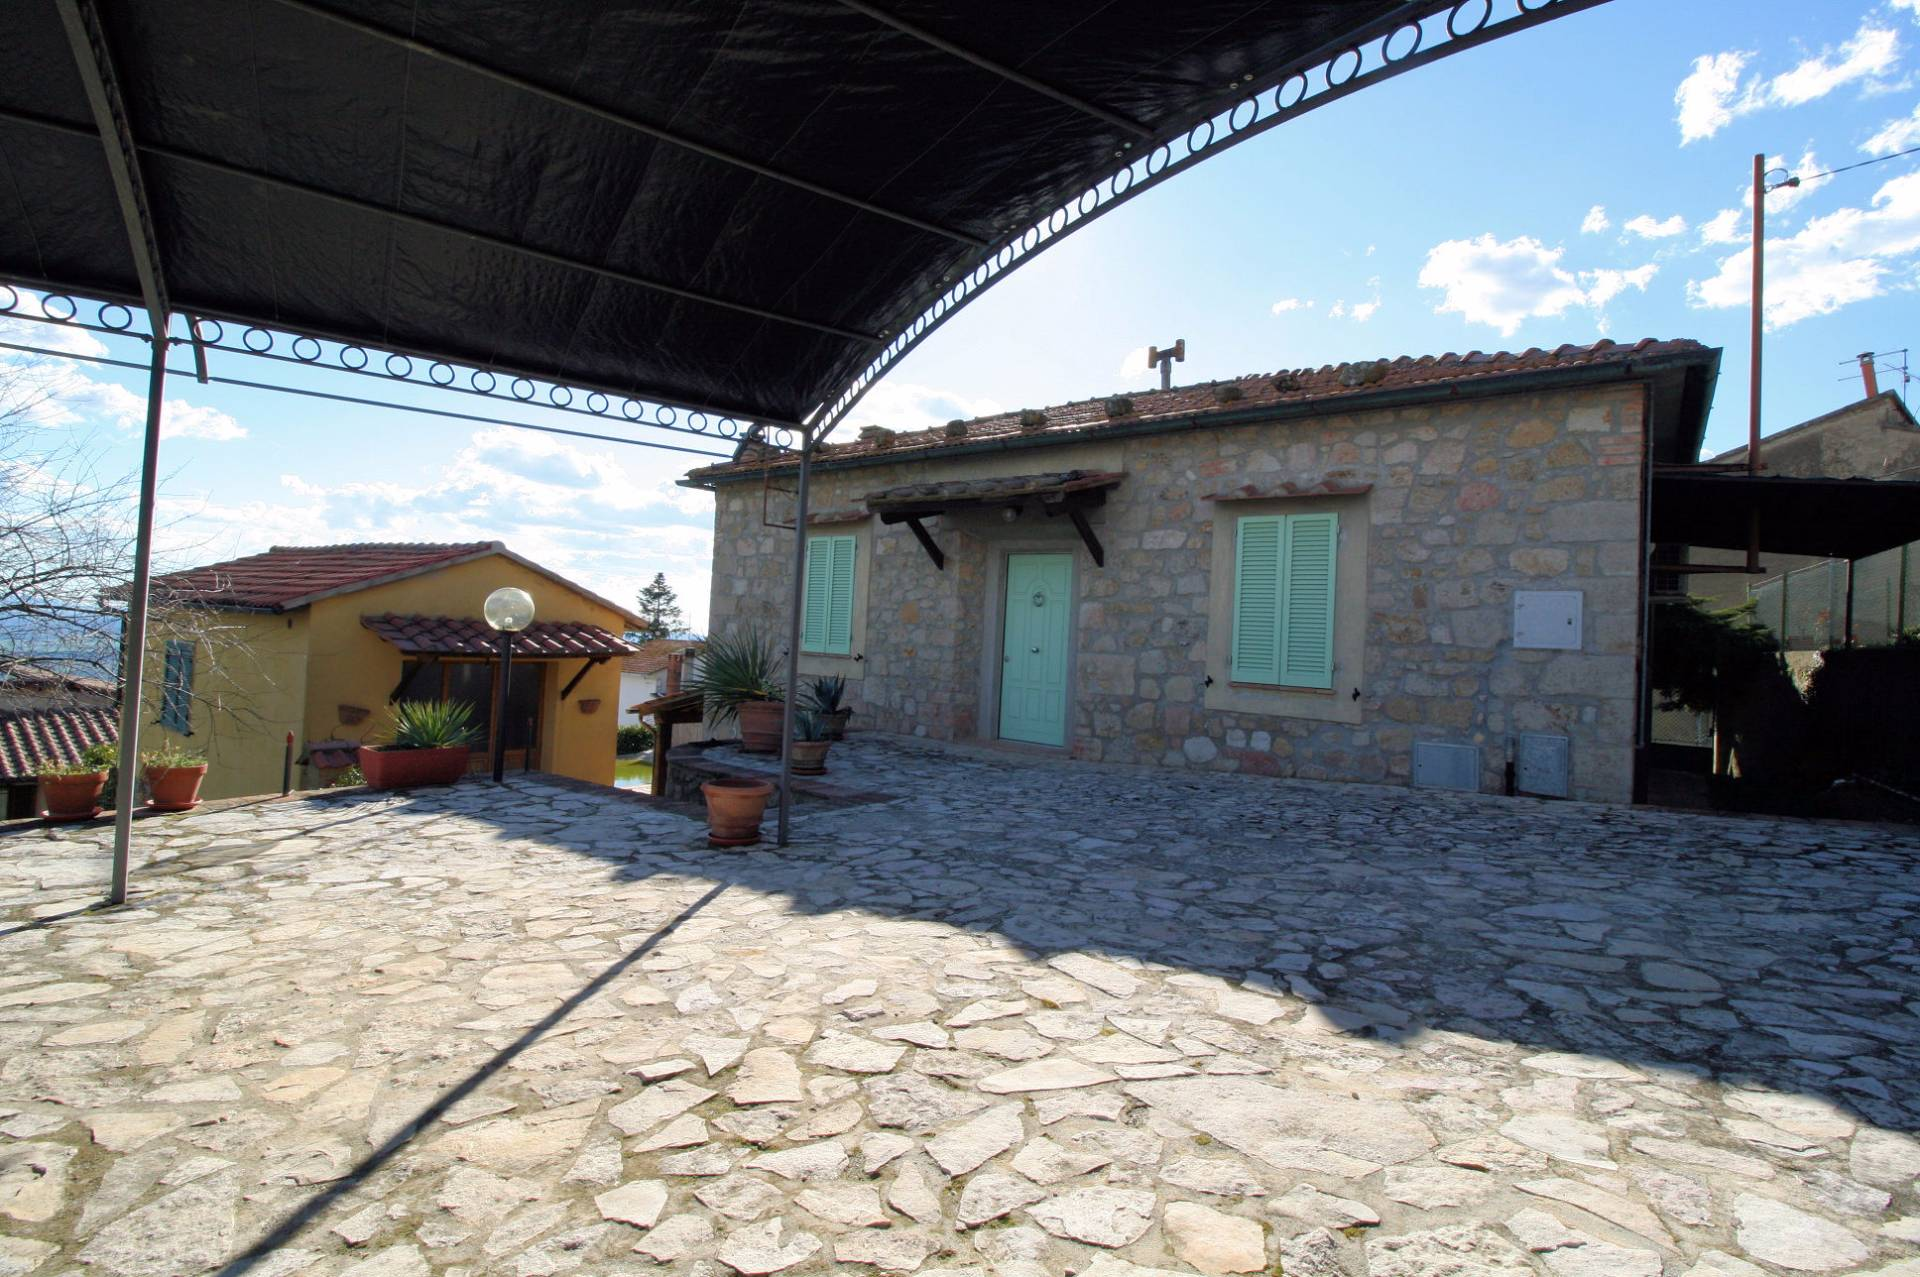 Villa in vendita a Roccastrada, 6 locali, zona Zona: Sassofortino, prezzo € 350.000 | CambioCasa.it